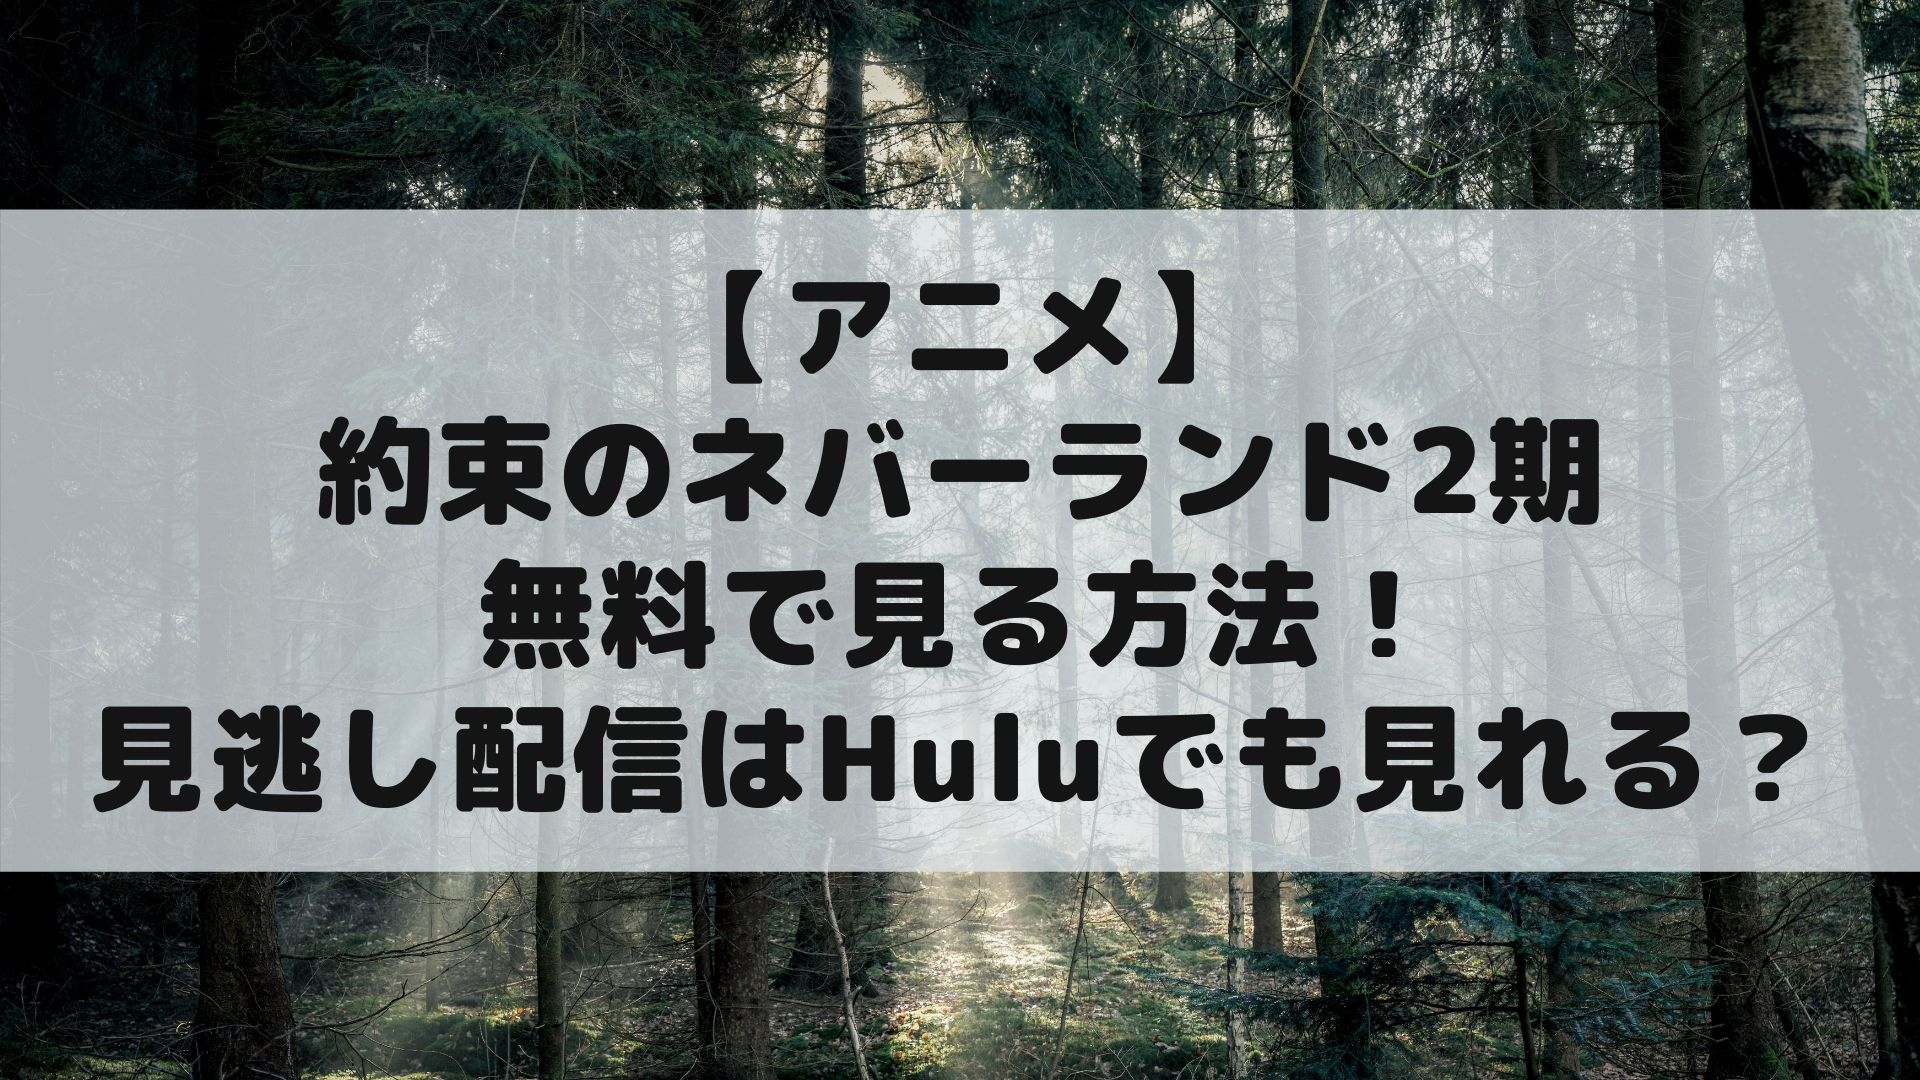 【アニメ】約束のネバーランド2期を無料で見る方法!見逃し配信はHuluでも見れる?タイトル画像